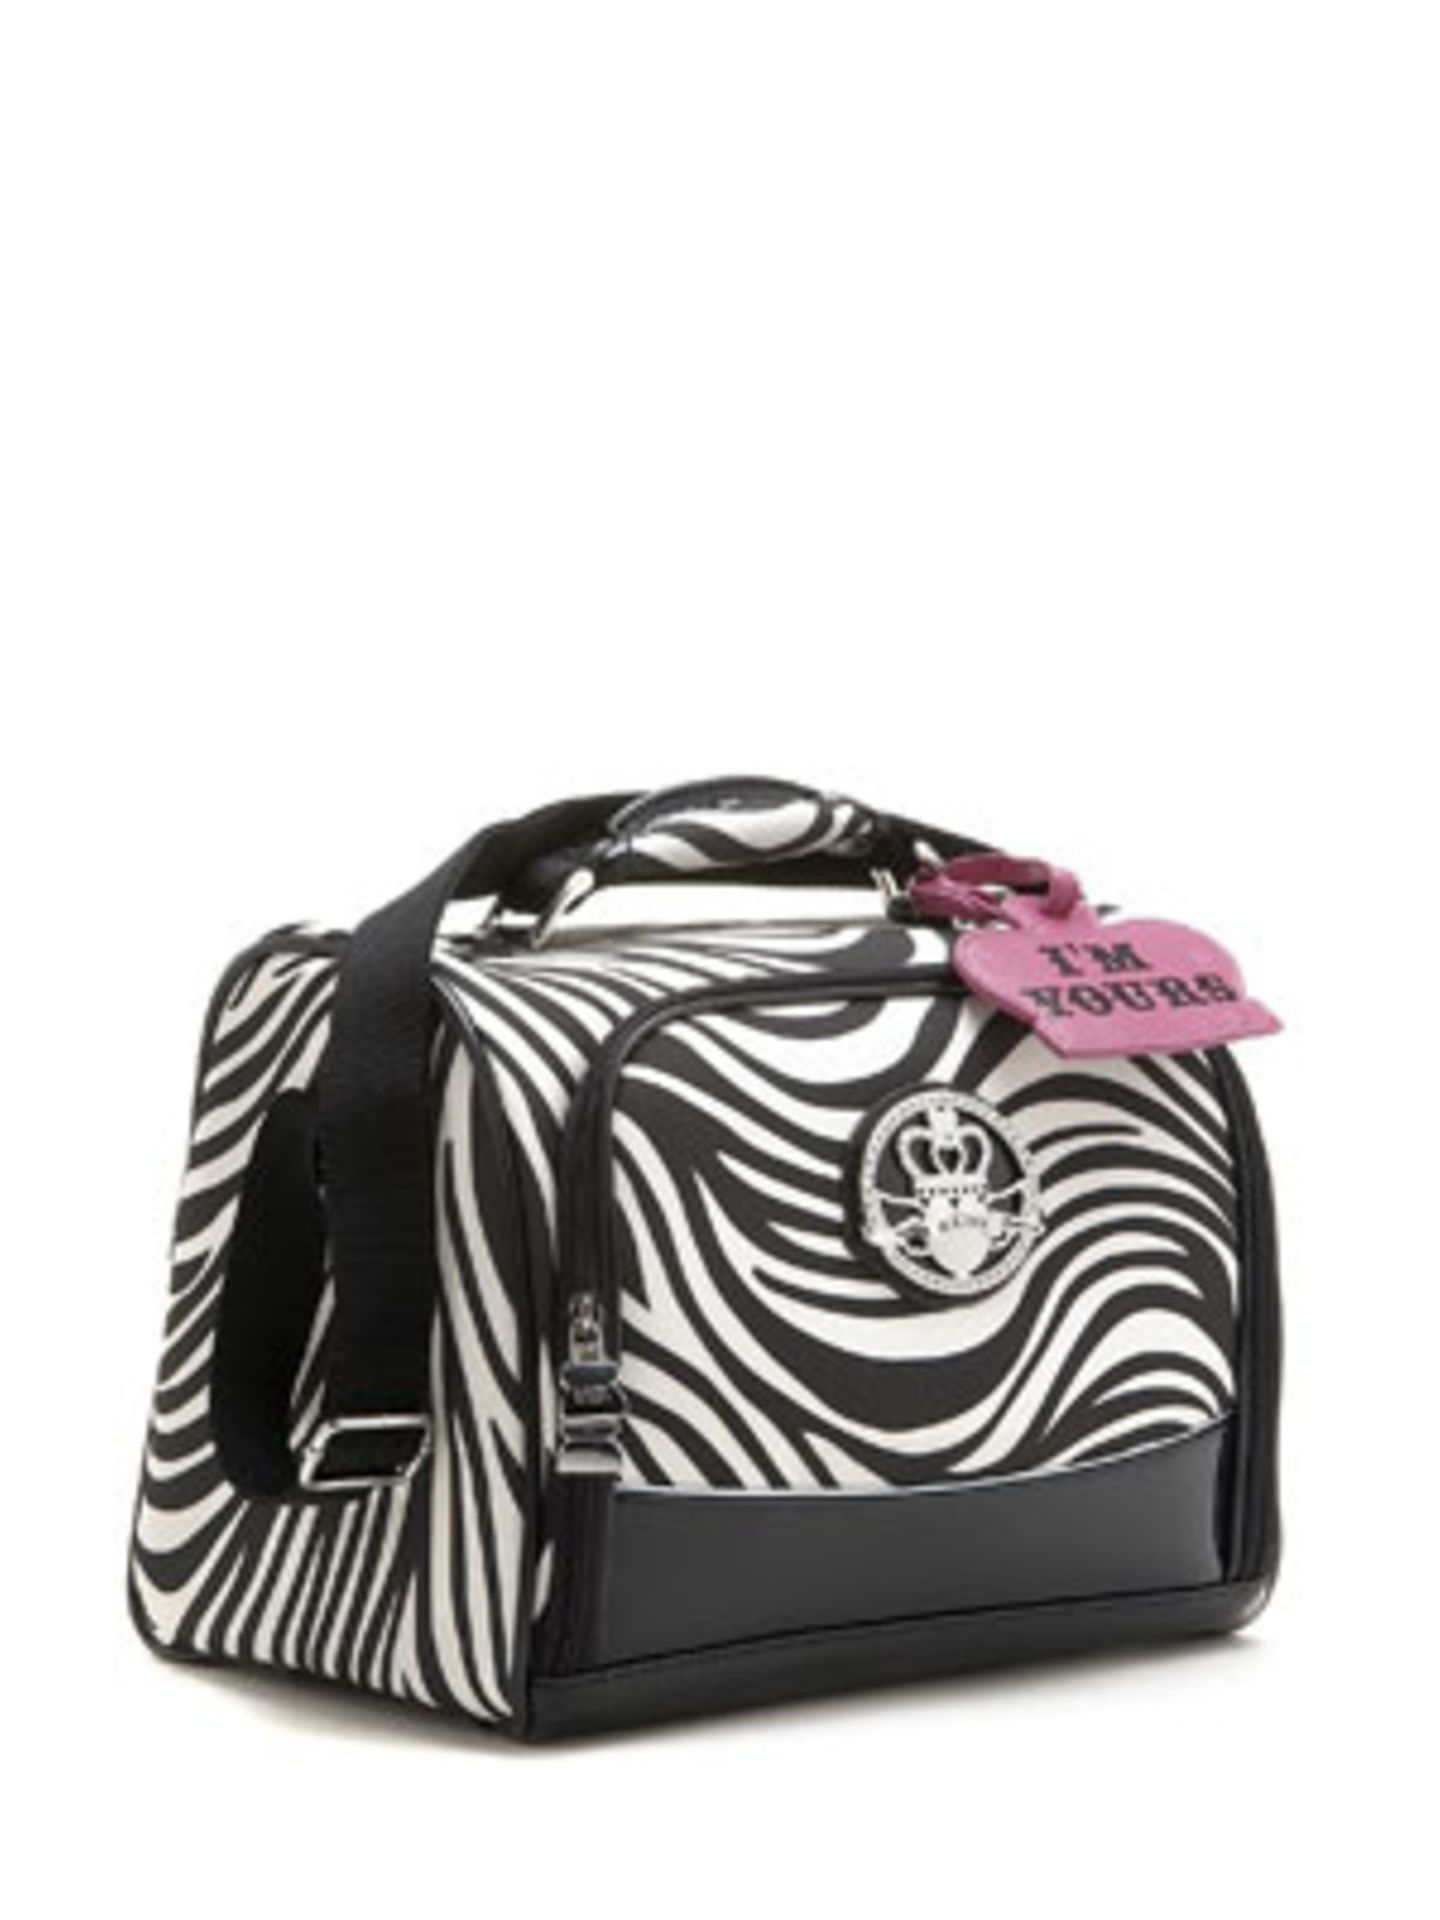 Praktisch - und passend zum Koffer - ist dieses Handgepäcksstück von Kathy van Zeeland. Um 80 Euro, über www.kathyvanzeeland.com.